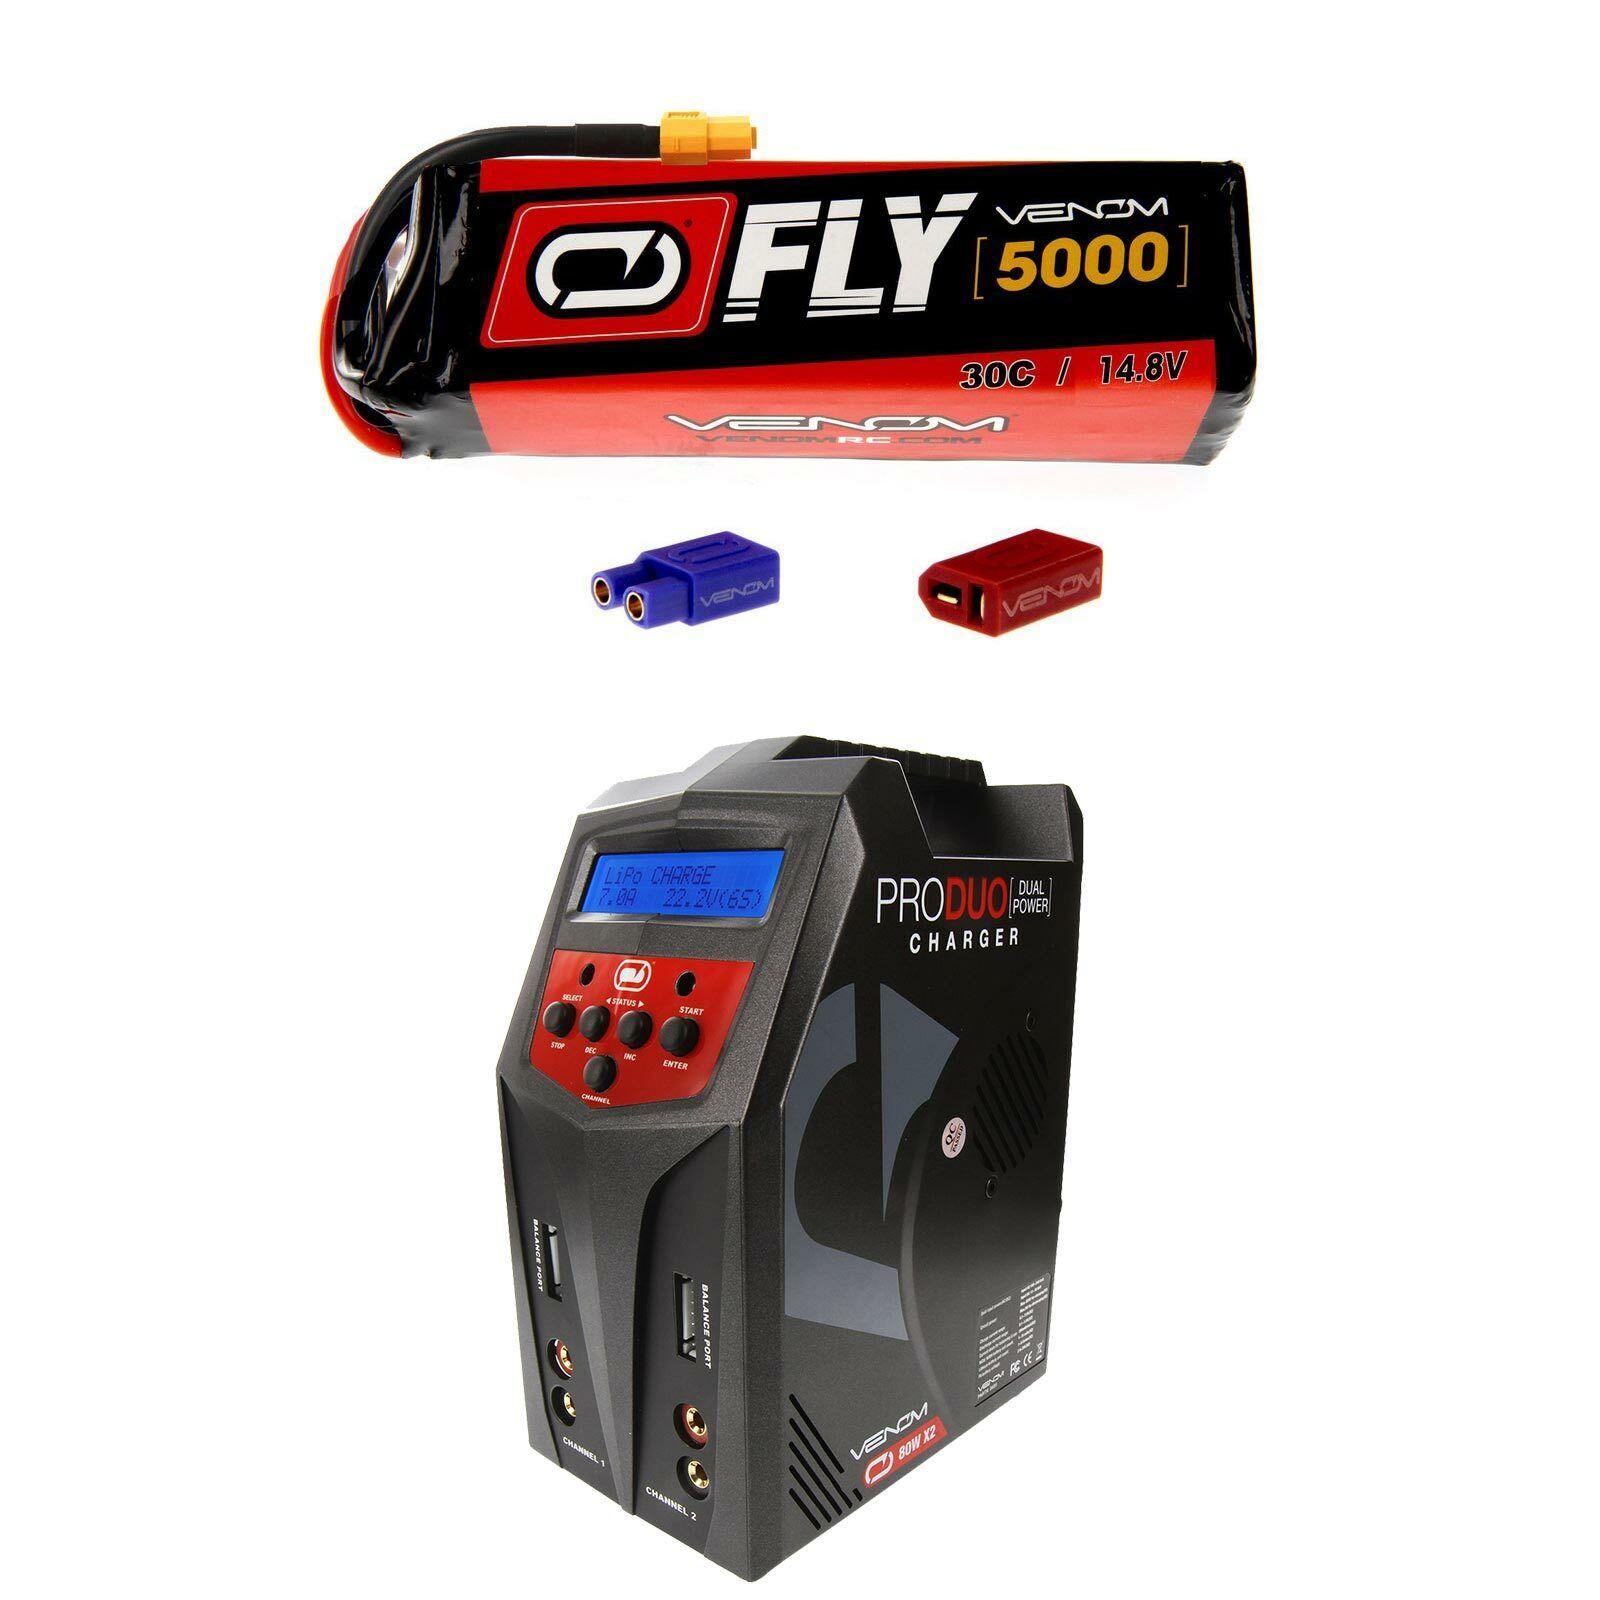 Venom volar 30C 4S 5000mAh 14.8V Batería Lipo Y Cargador Combo Pro Duo